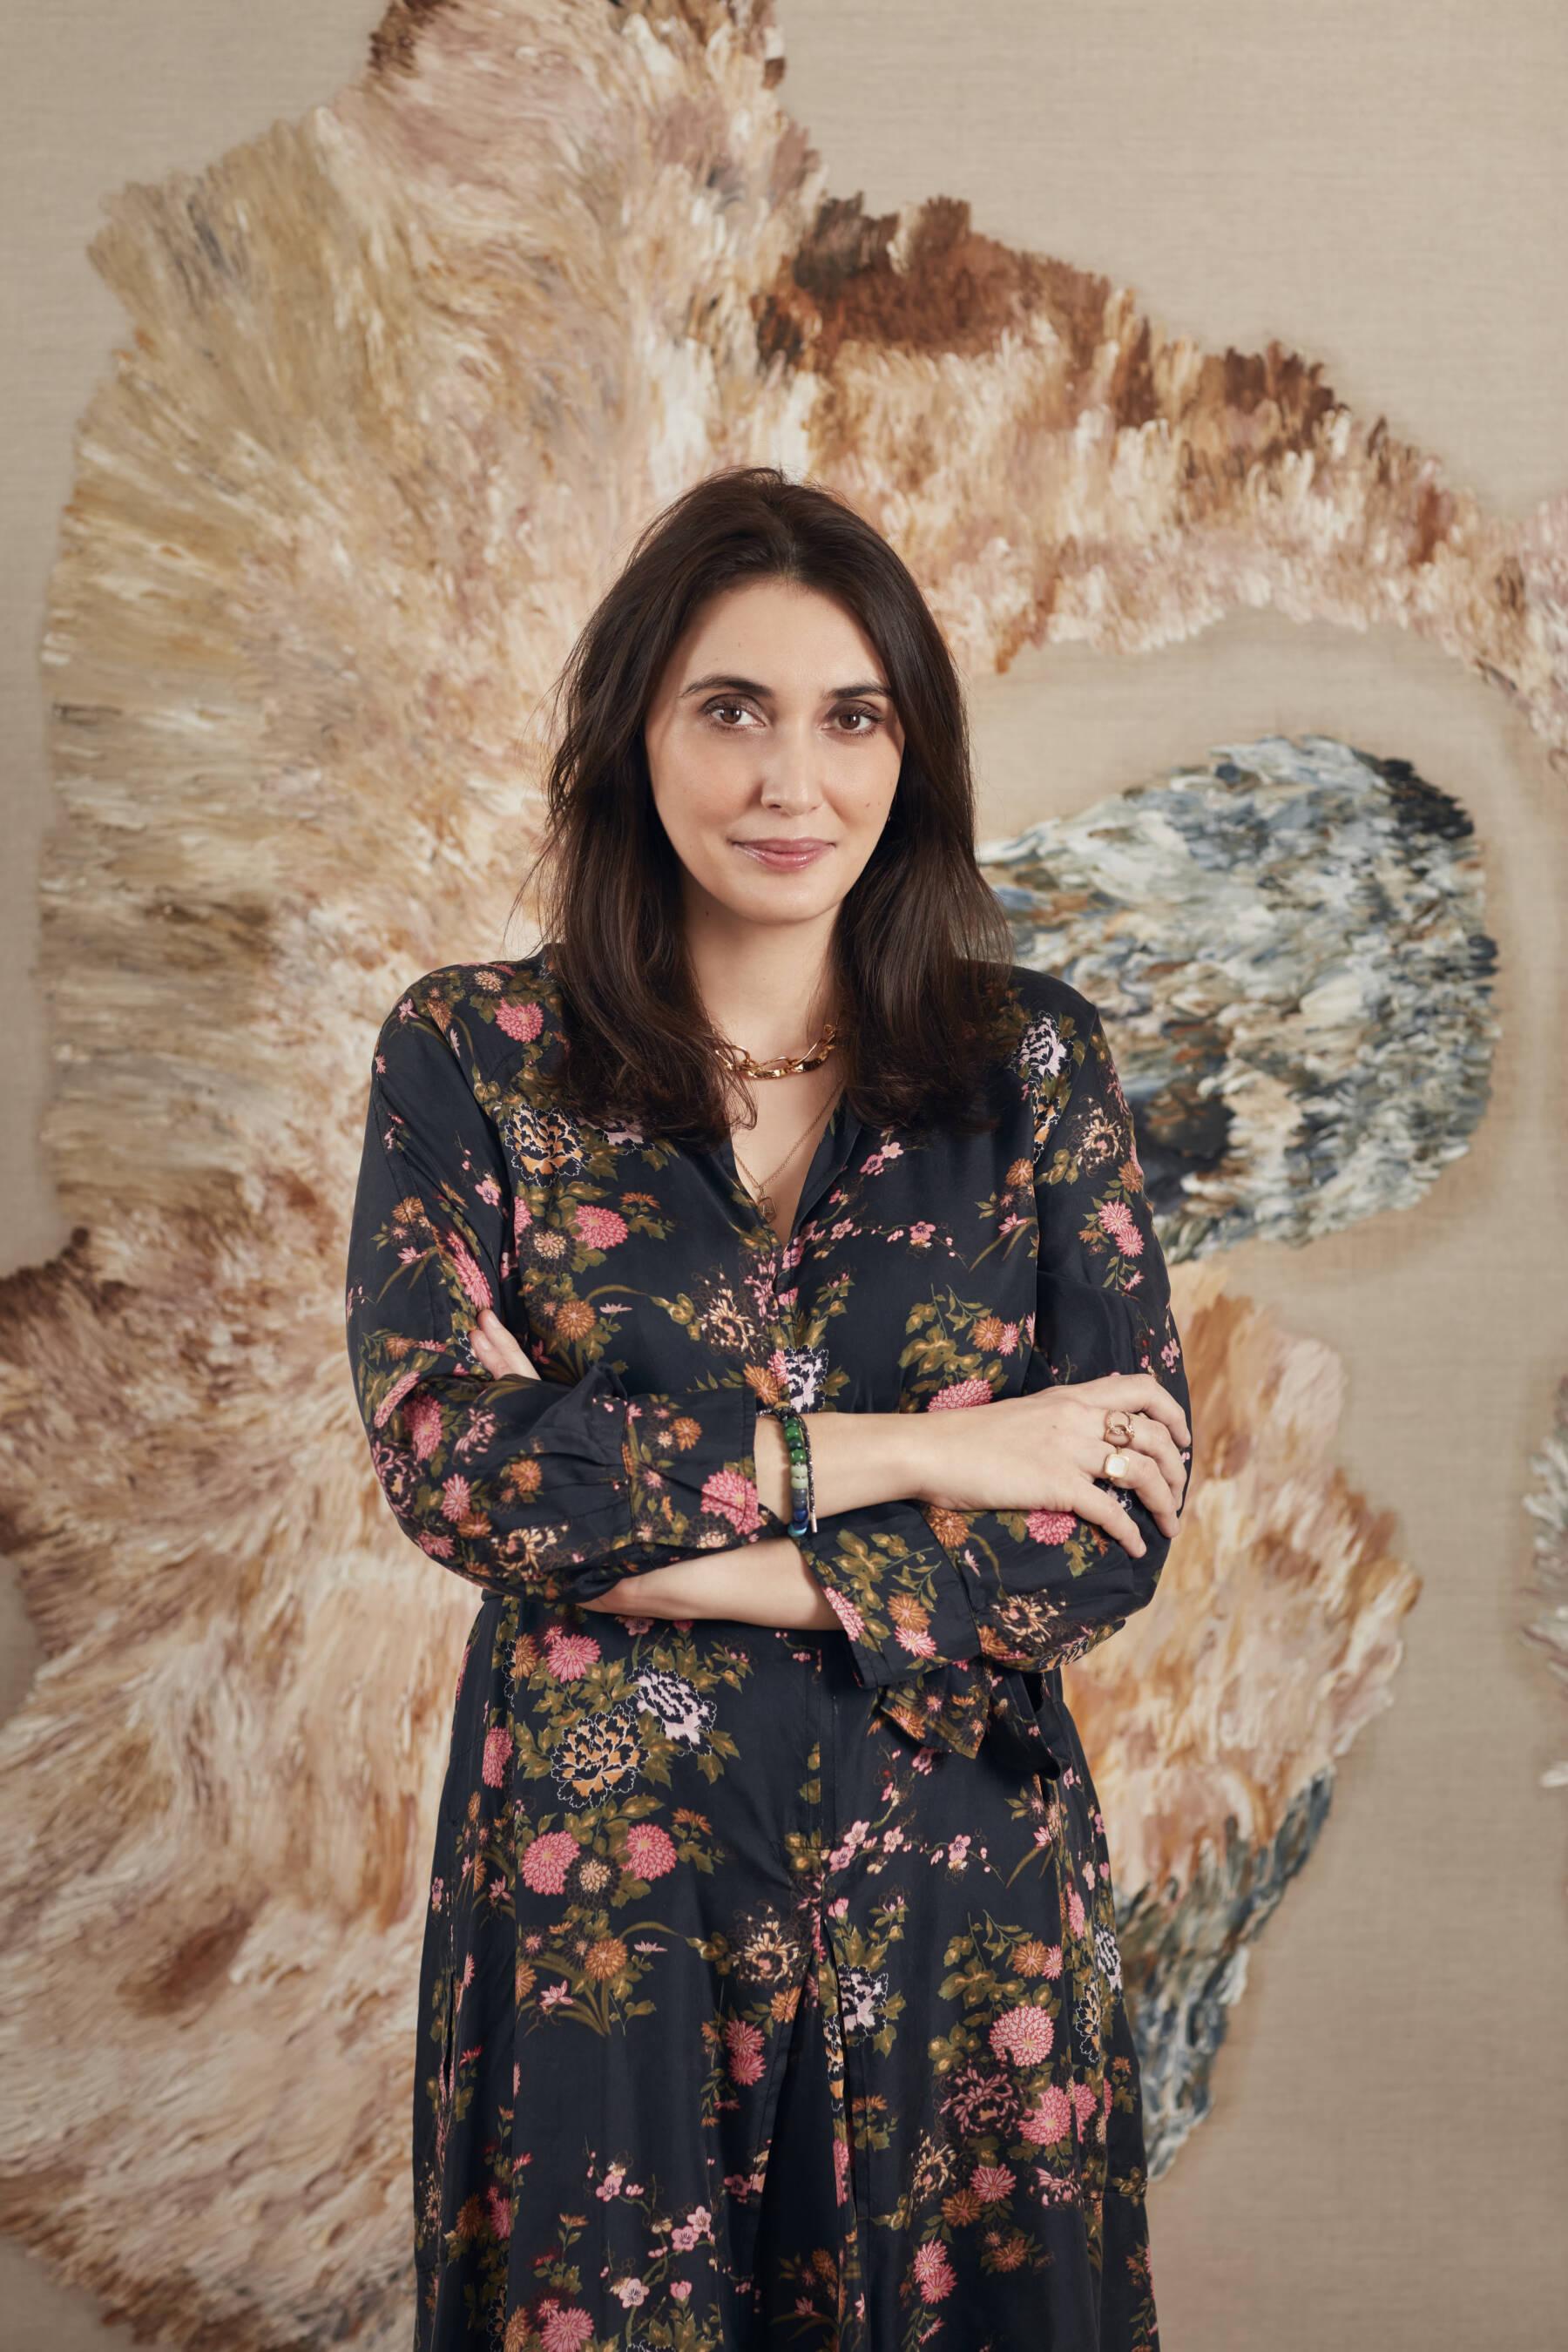 Laura Gonzalez, présidente du jury métiers d'art